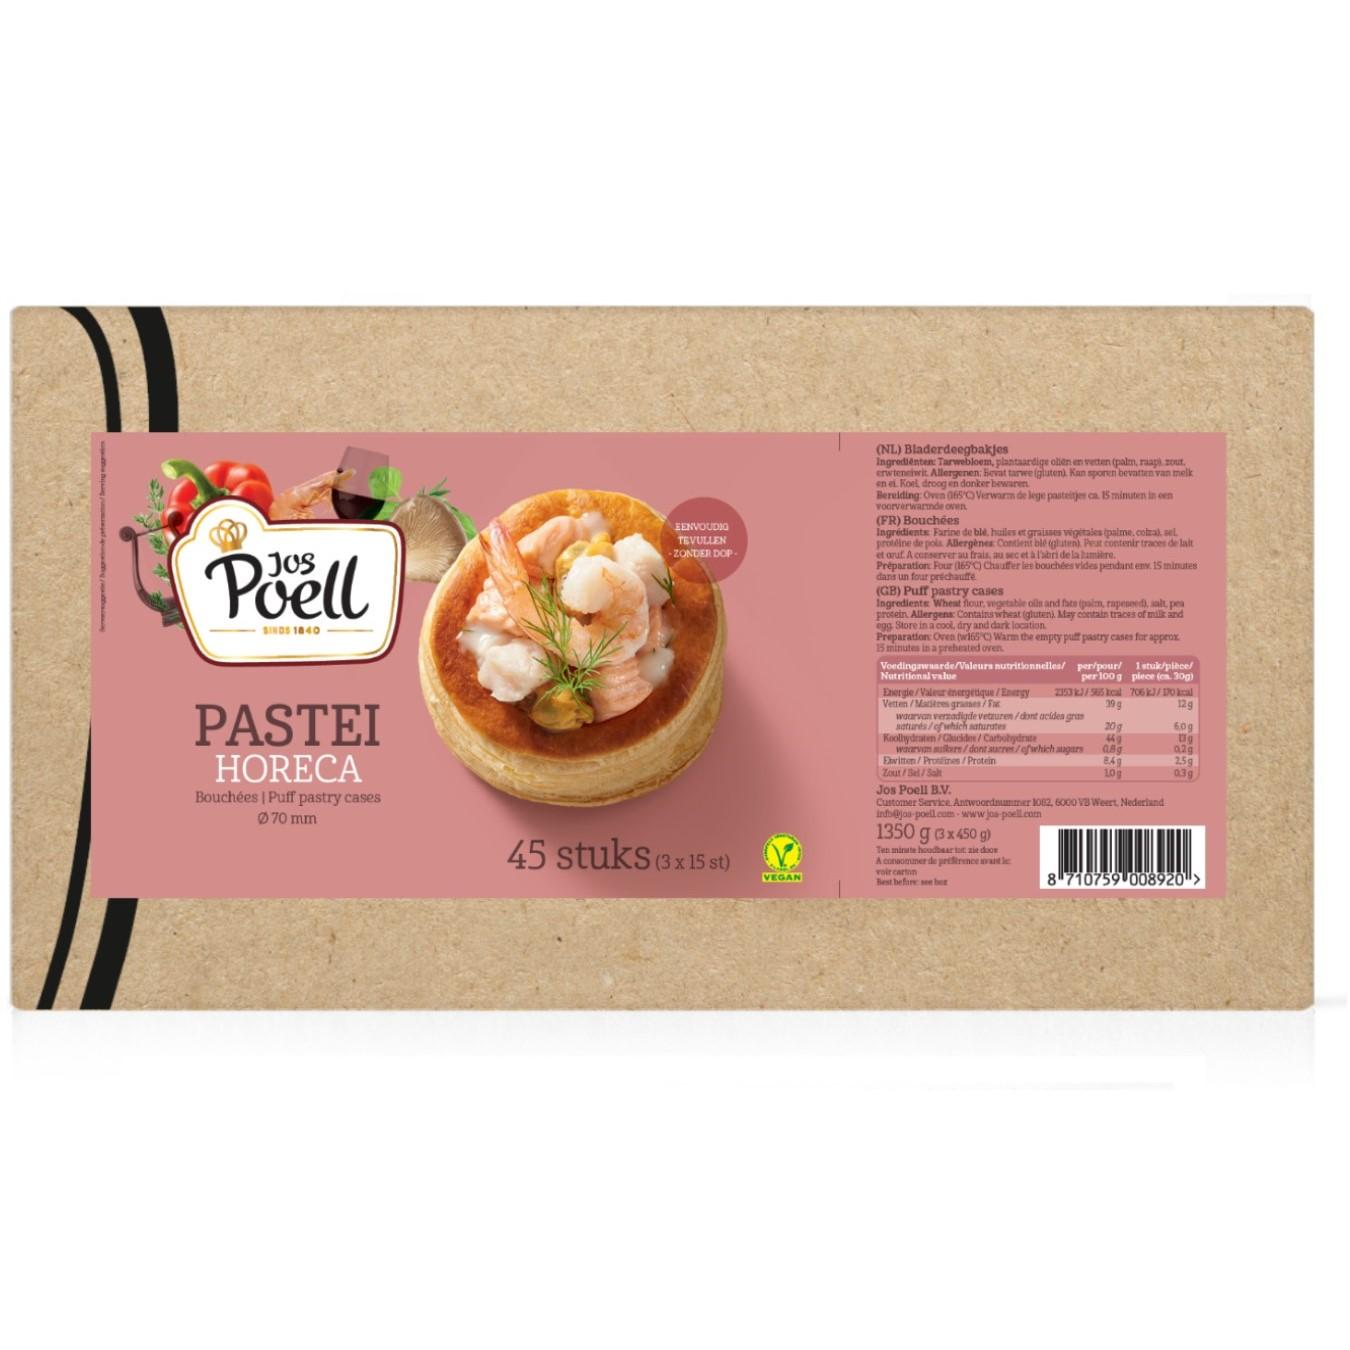 Pastei – Horeca Pastei 45 stuks